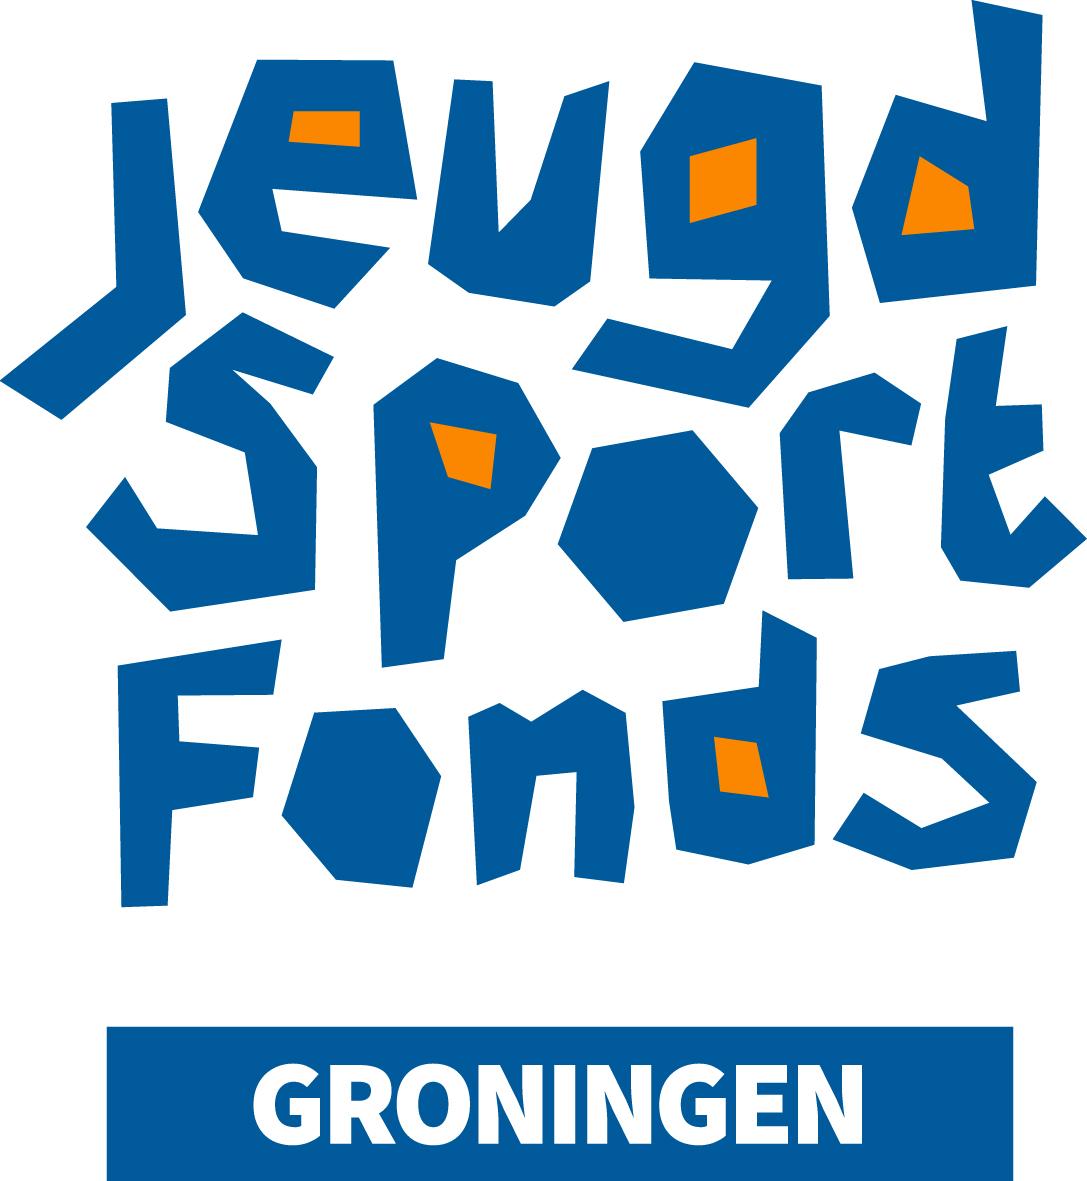 jsf_groningen